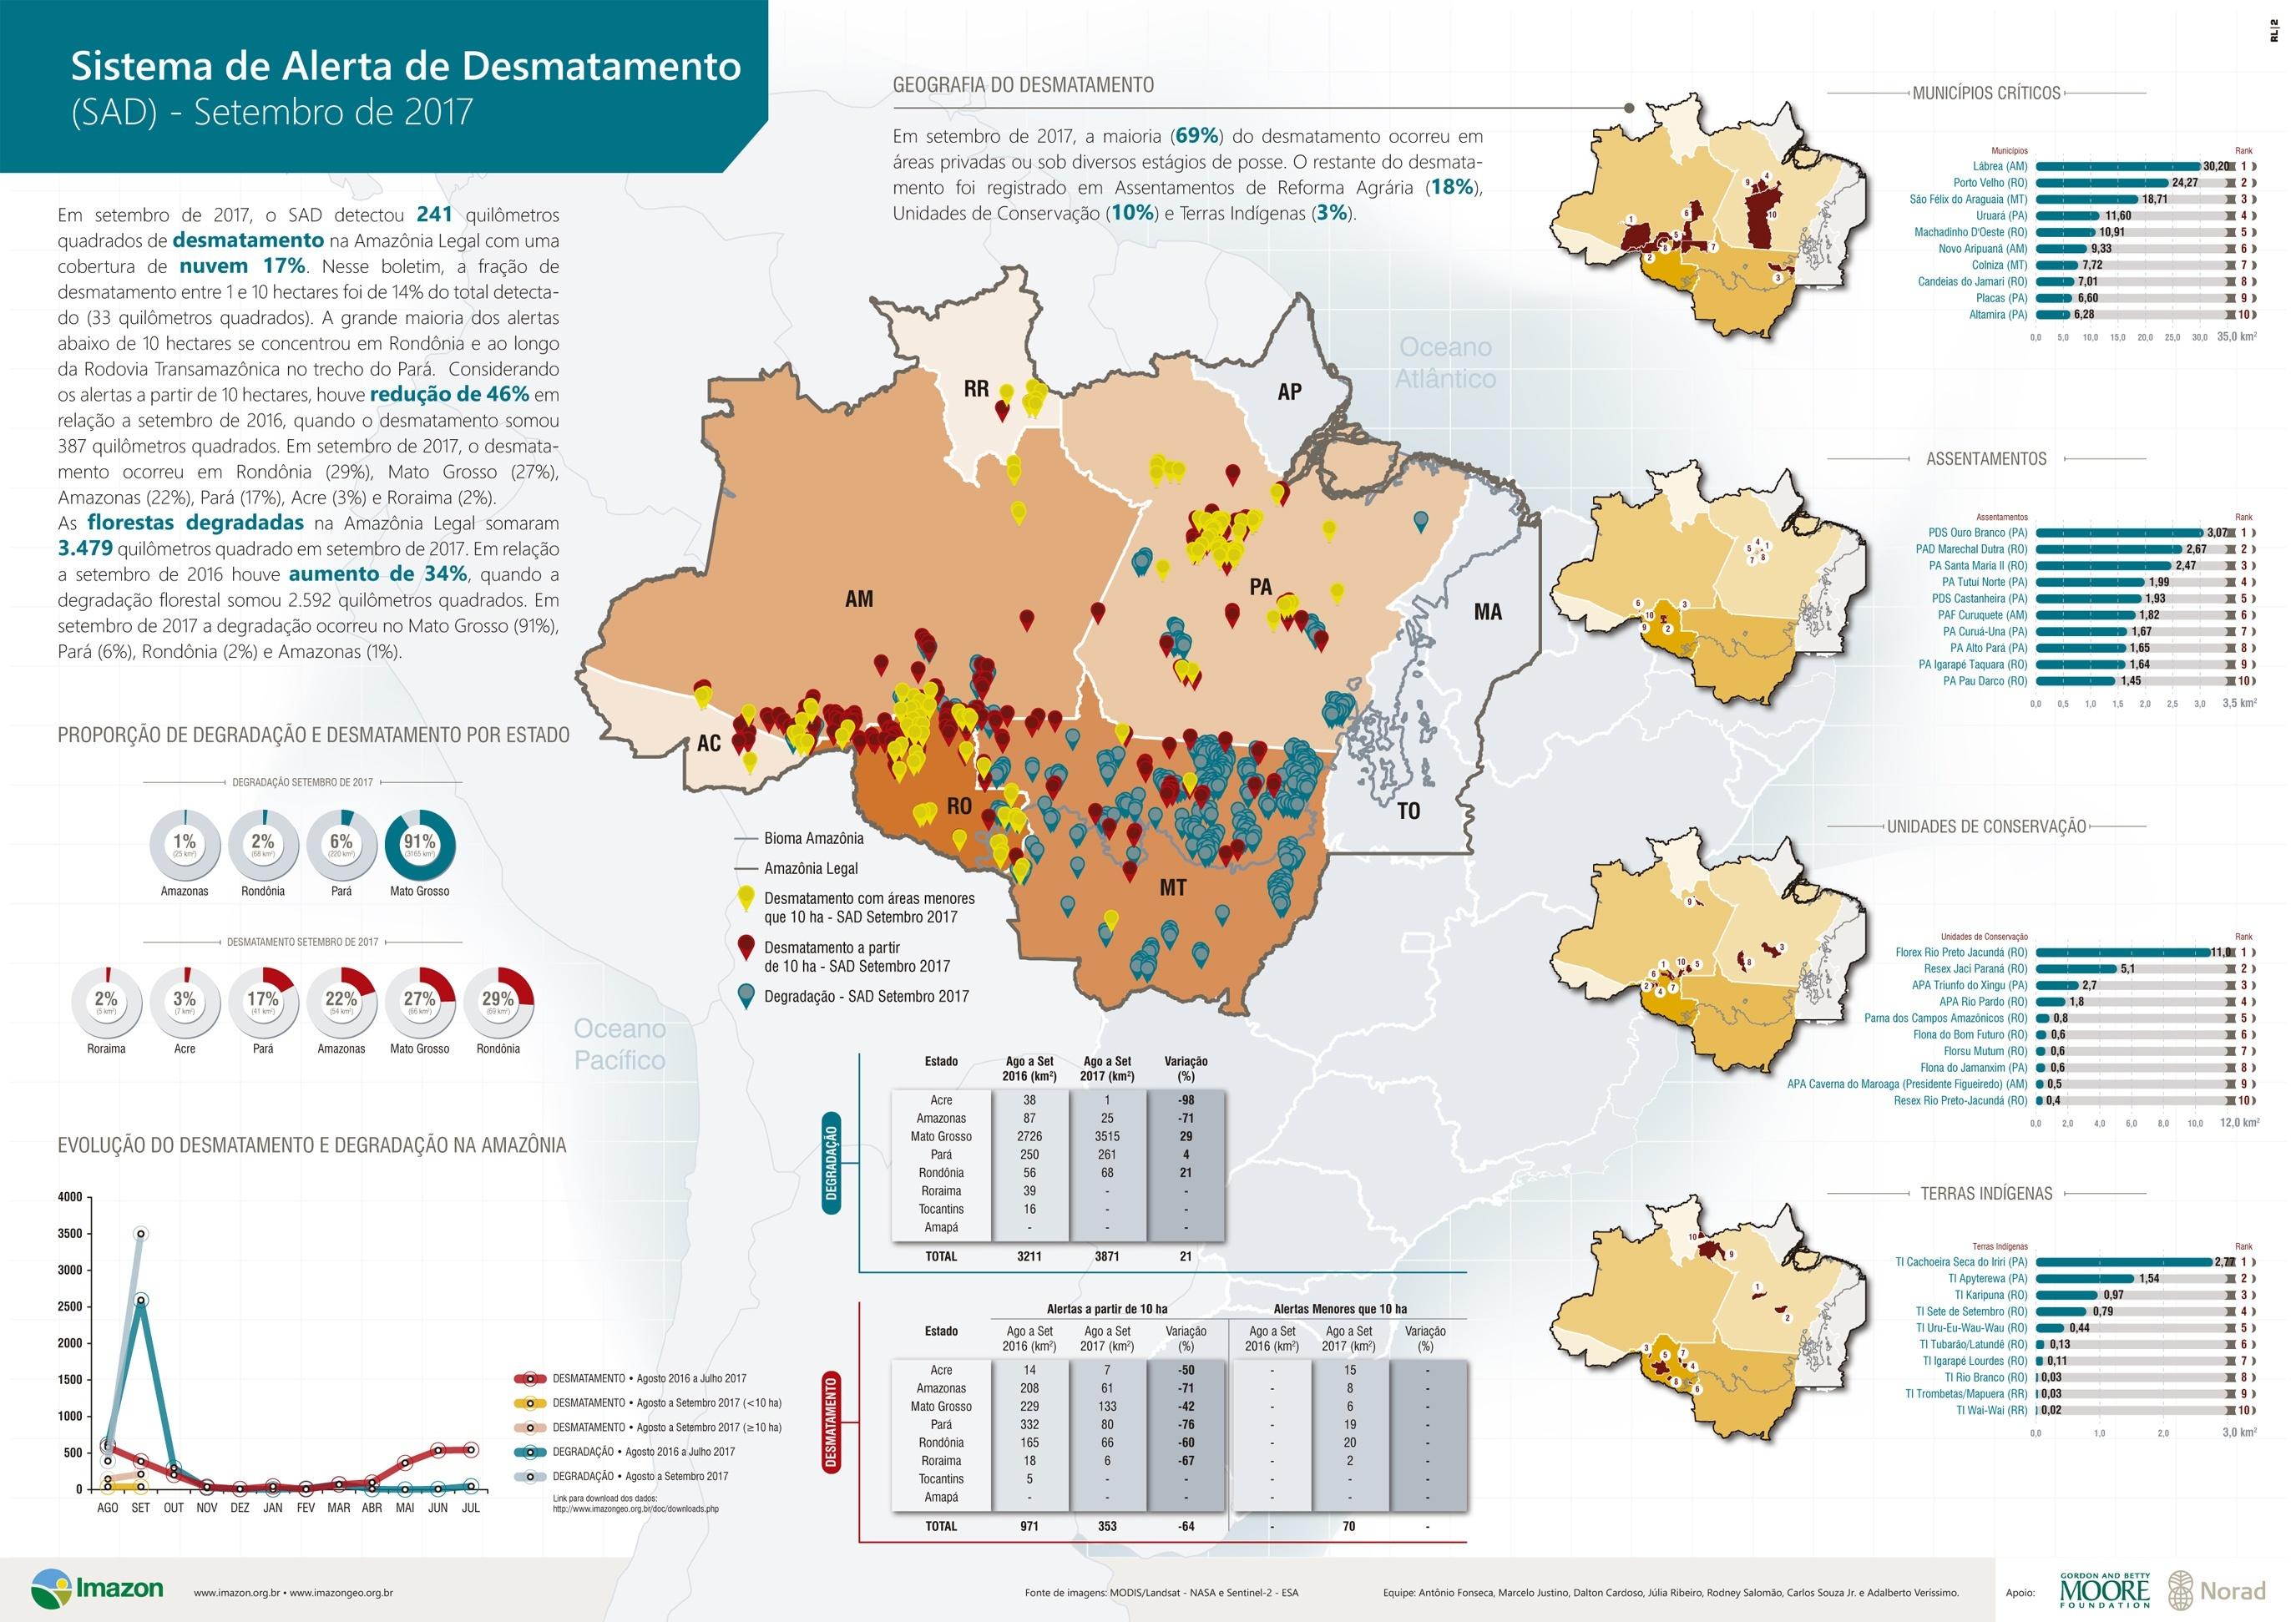 SAD setembro 2017 - Boletim do desmatamento da Amazônia Legal (setembro 2017) SAD